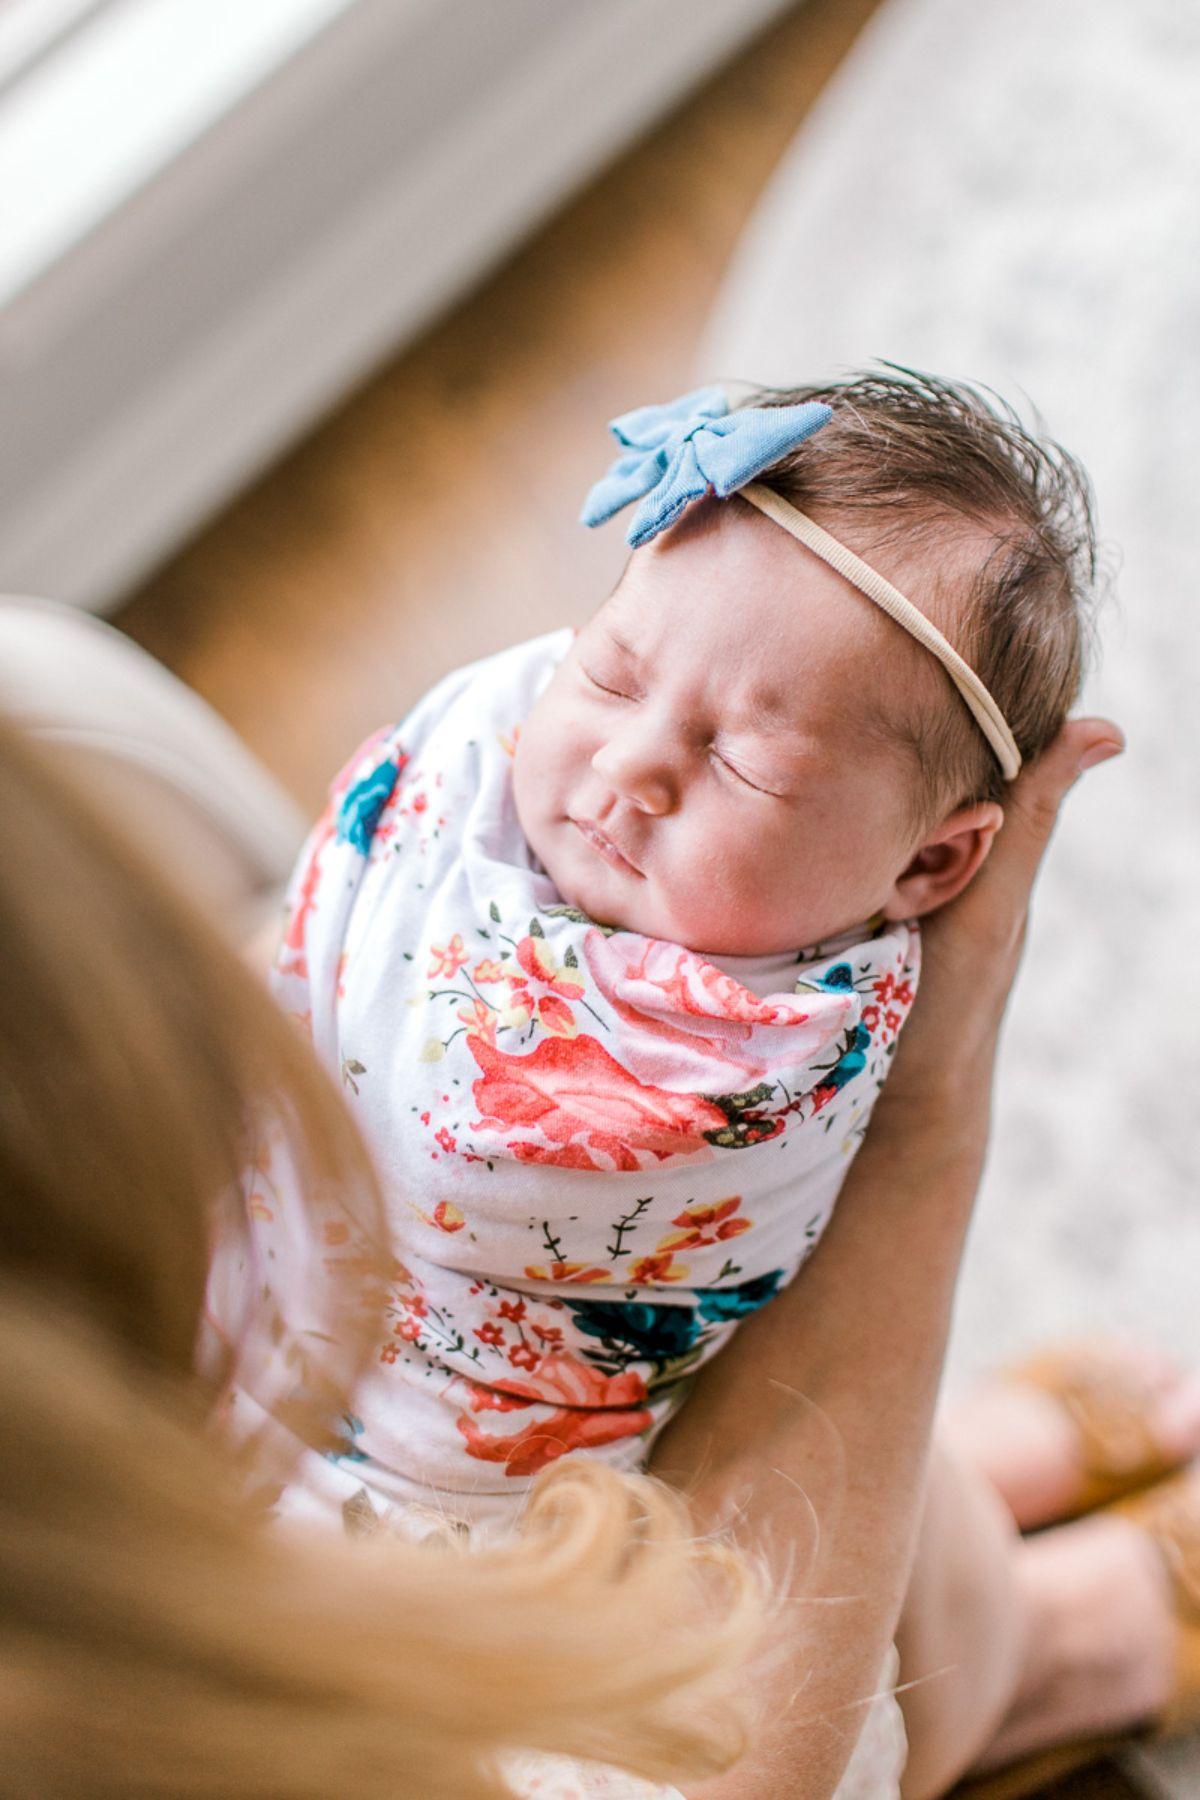 ennis-newborn-photographer-kaitlyn-bullard-charlotte-lifestyle-newborn-6.jpg